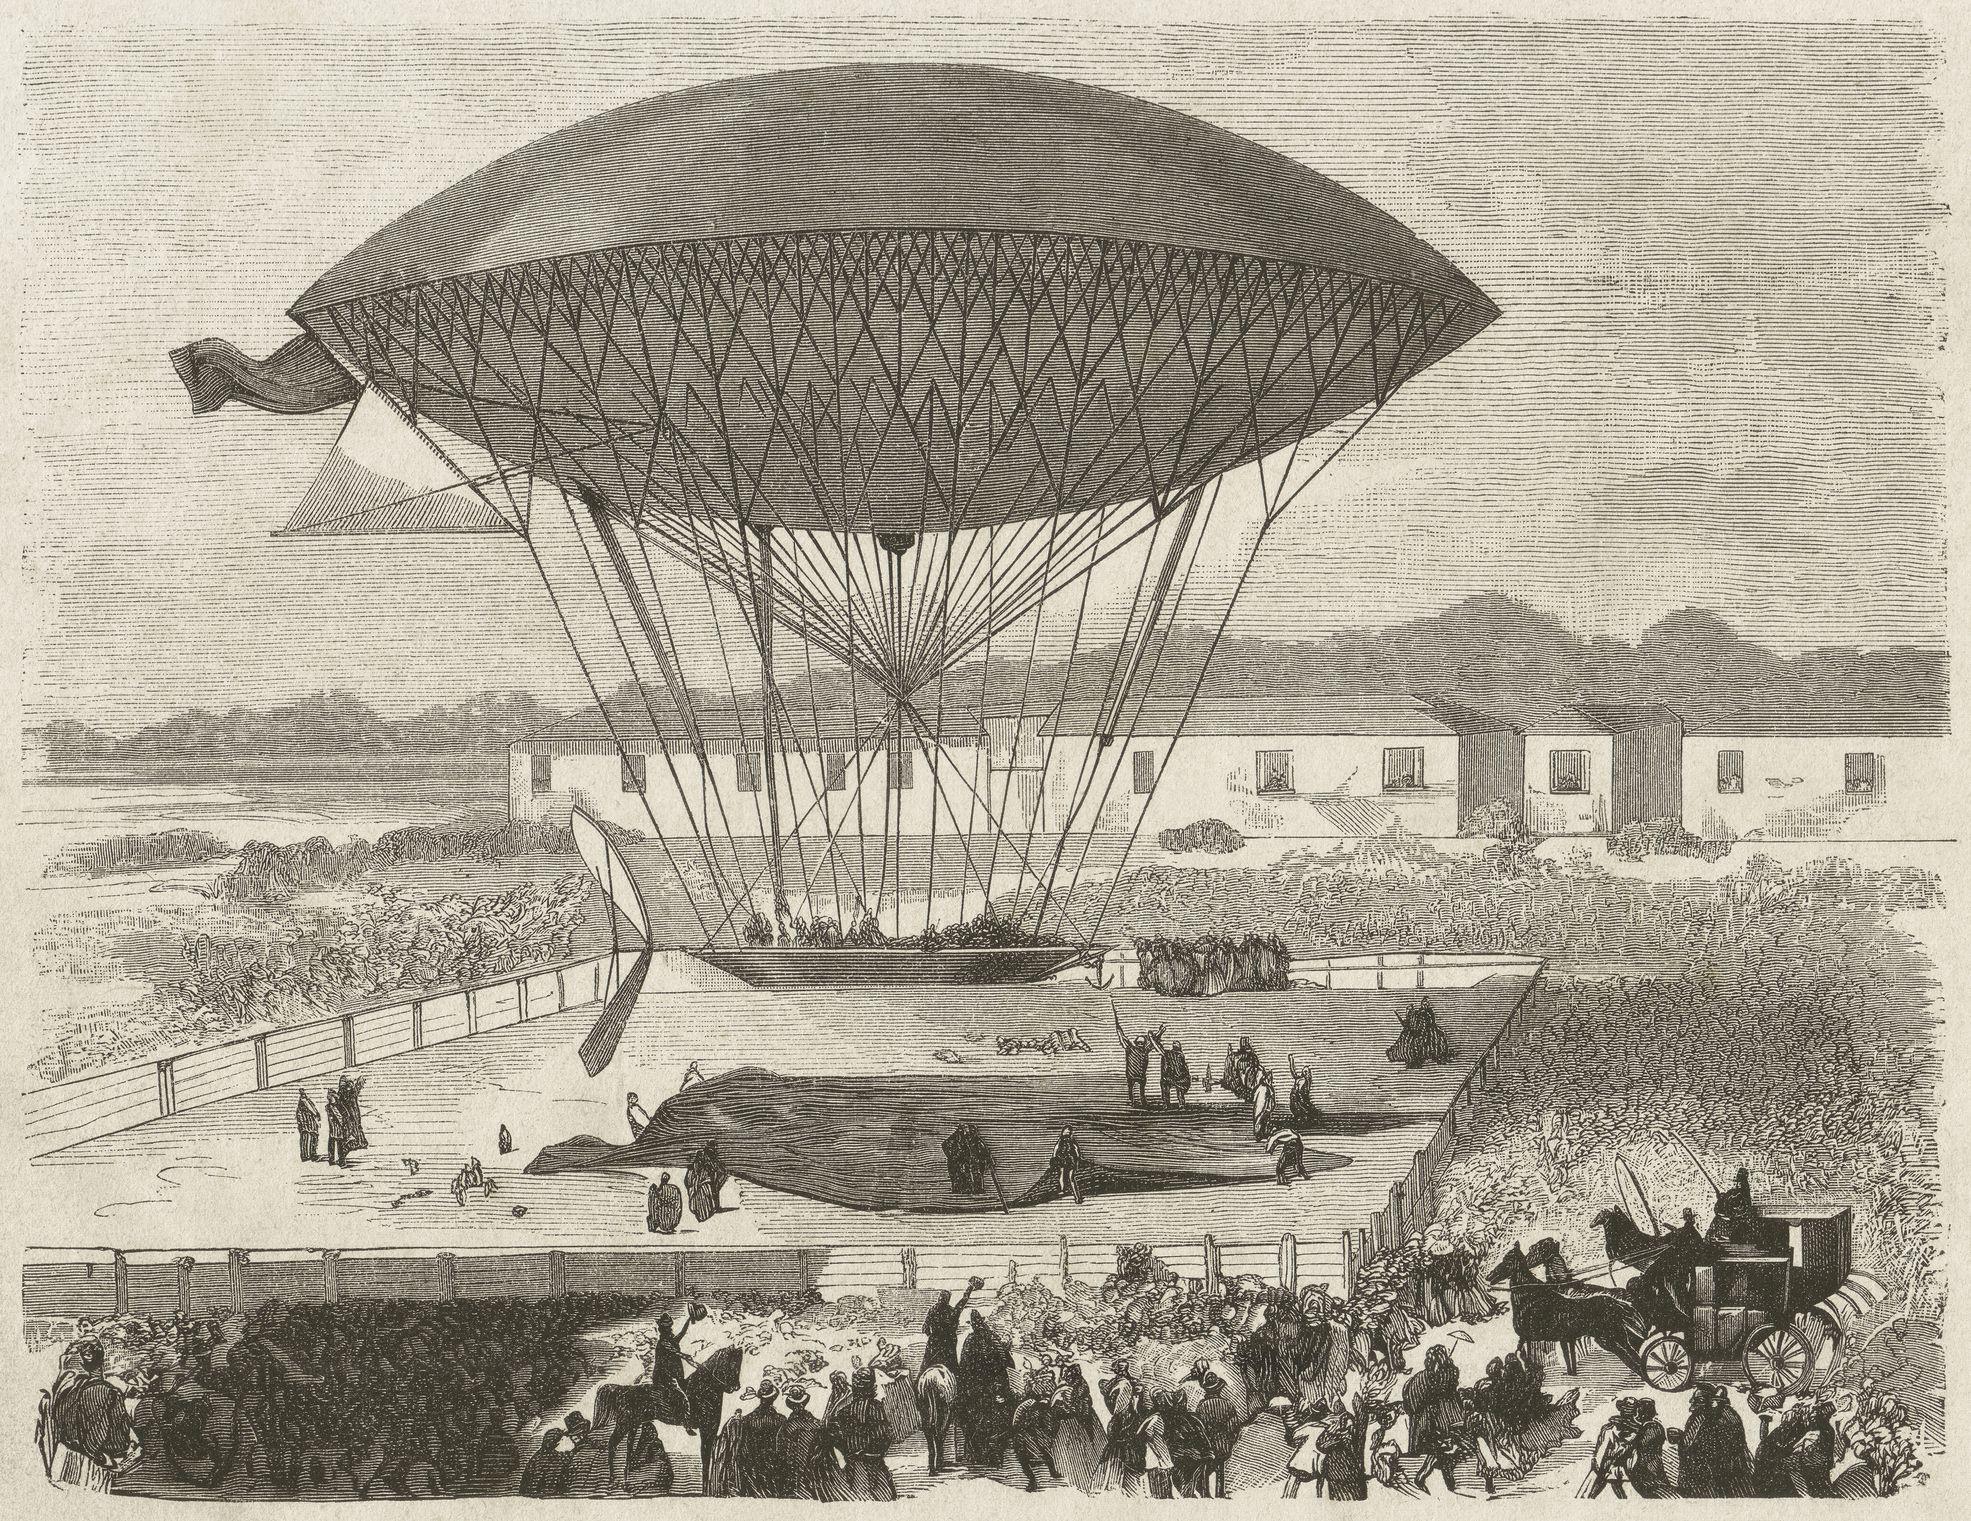 History of Airships and Flight Balloons